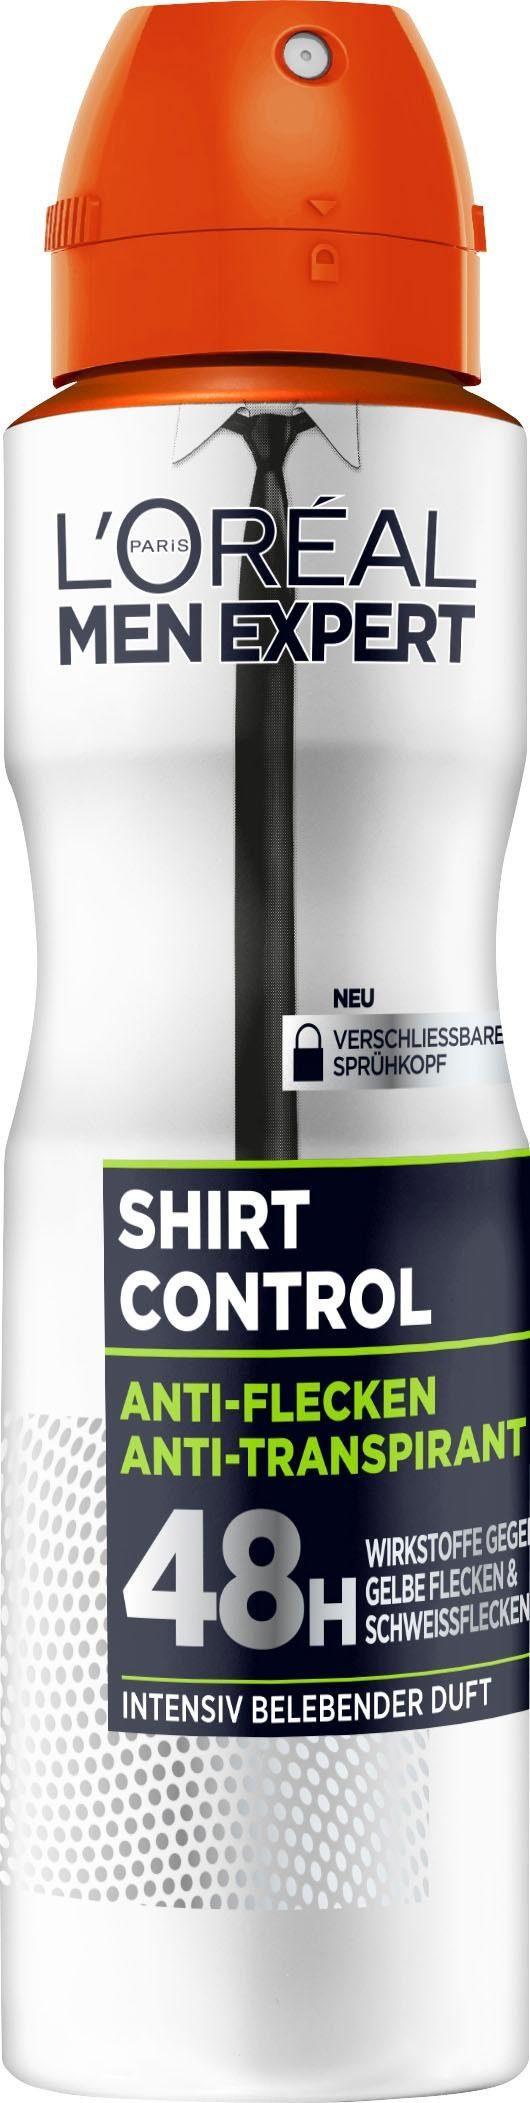 L'ORÉAL PARIS MEN EXPERT Deo-Spray »Shirt Control Anti-Transpirant«, mit 48H Trockenschutz